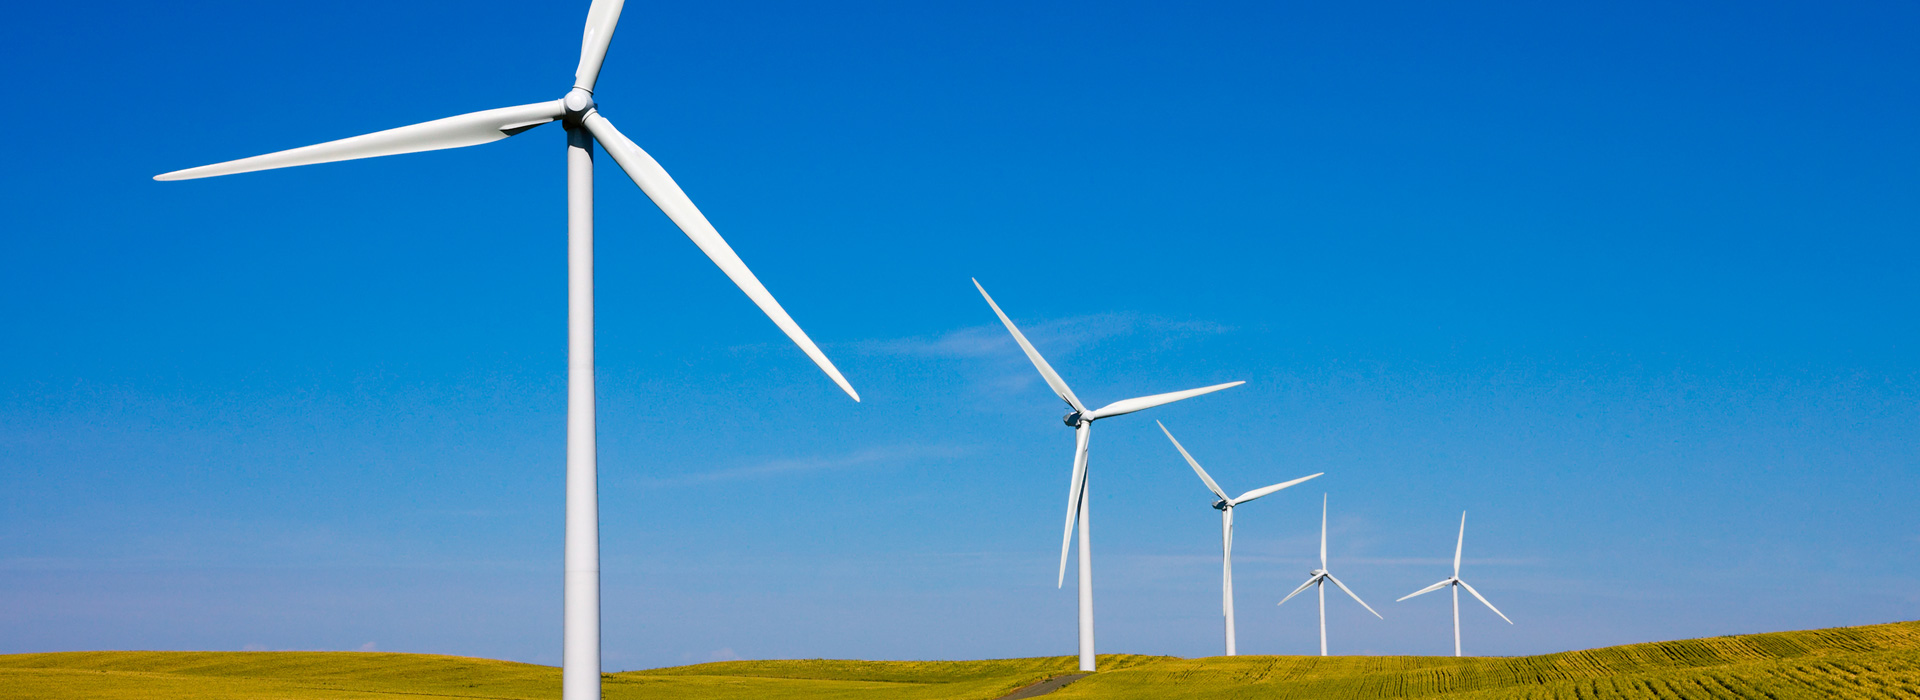 wind-turbines-1920x700